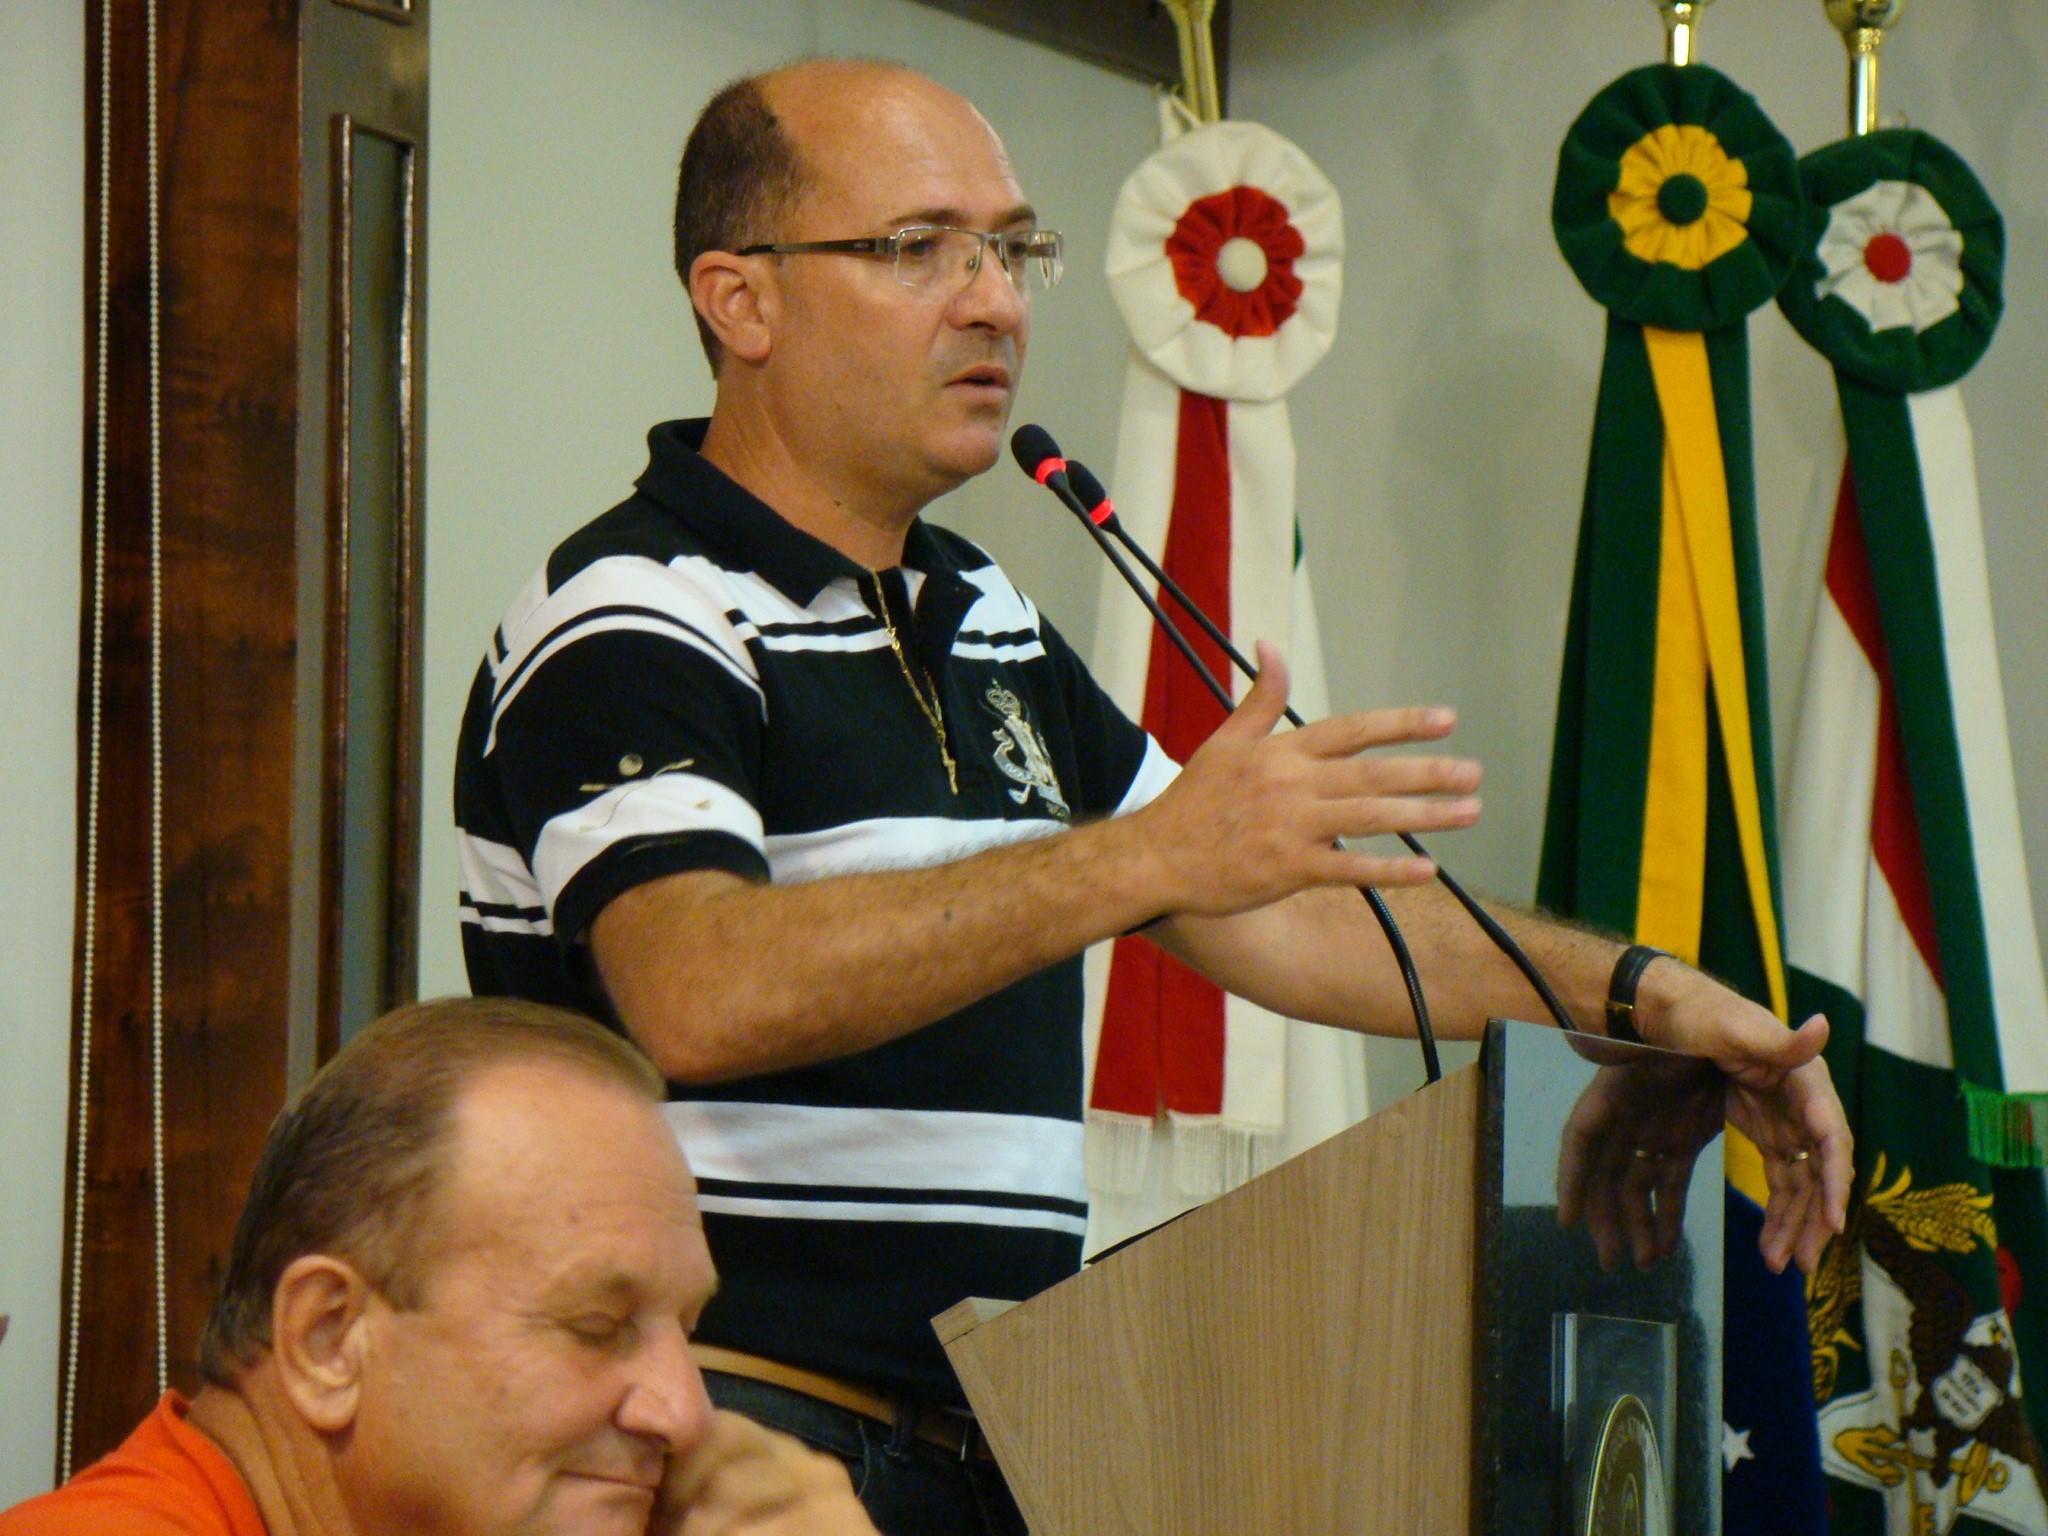 Vereador Ademar Possamai (DEM) comentou que este repasse para o Fundo Municipal de Saúde vai contribuir para aliviar o atendimento nos postos de saúde